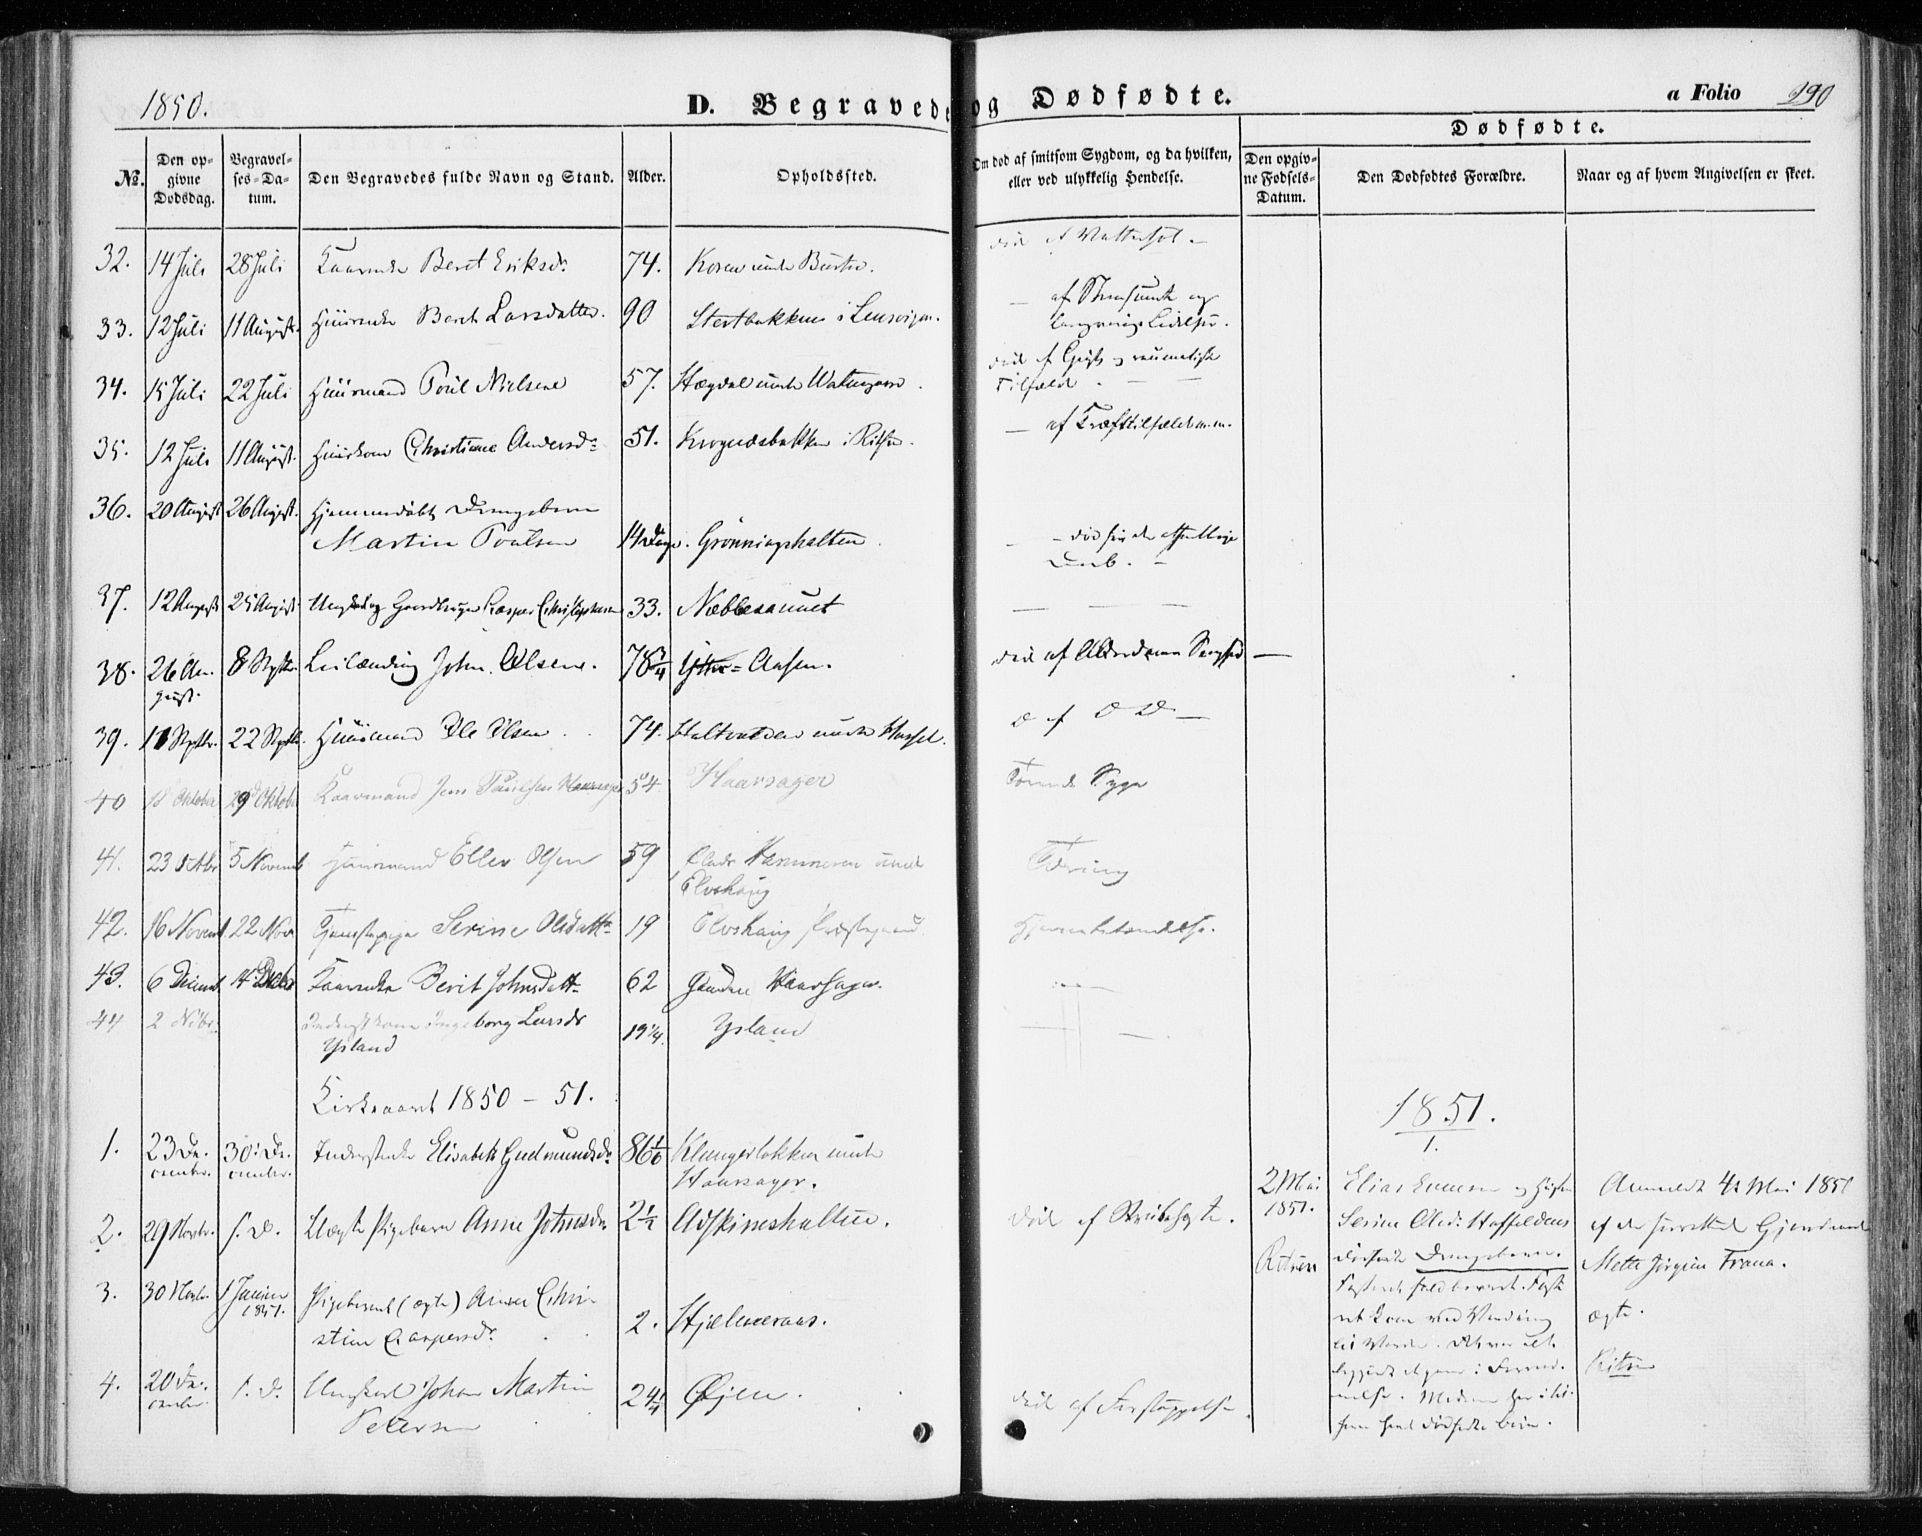 SAT, Ministerialprotokoller, klokkerbøker og fødselsregistre - Sør-Trøndelag, 646/L0611: Ministerialbok nr. 646A09, 1848-1857, s. 290